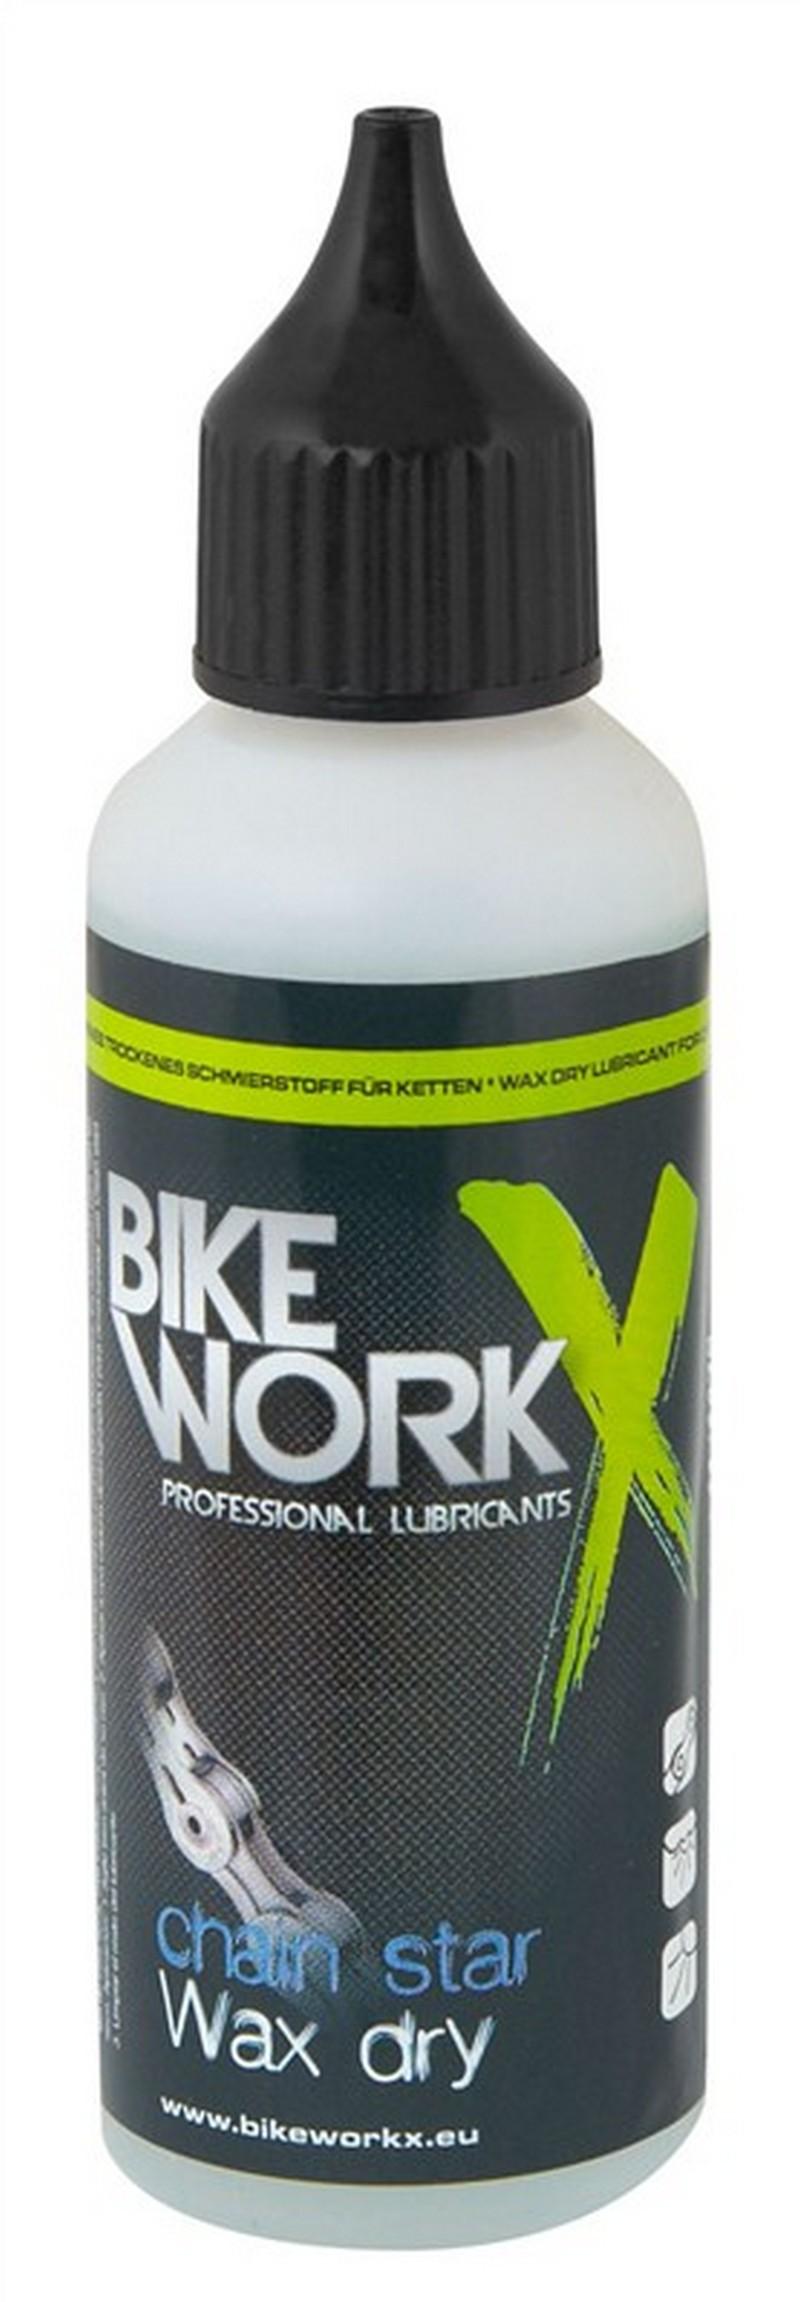 Chain Star Wax - kapátko 50 ml - Mazivo na řetěz Bikeworkx